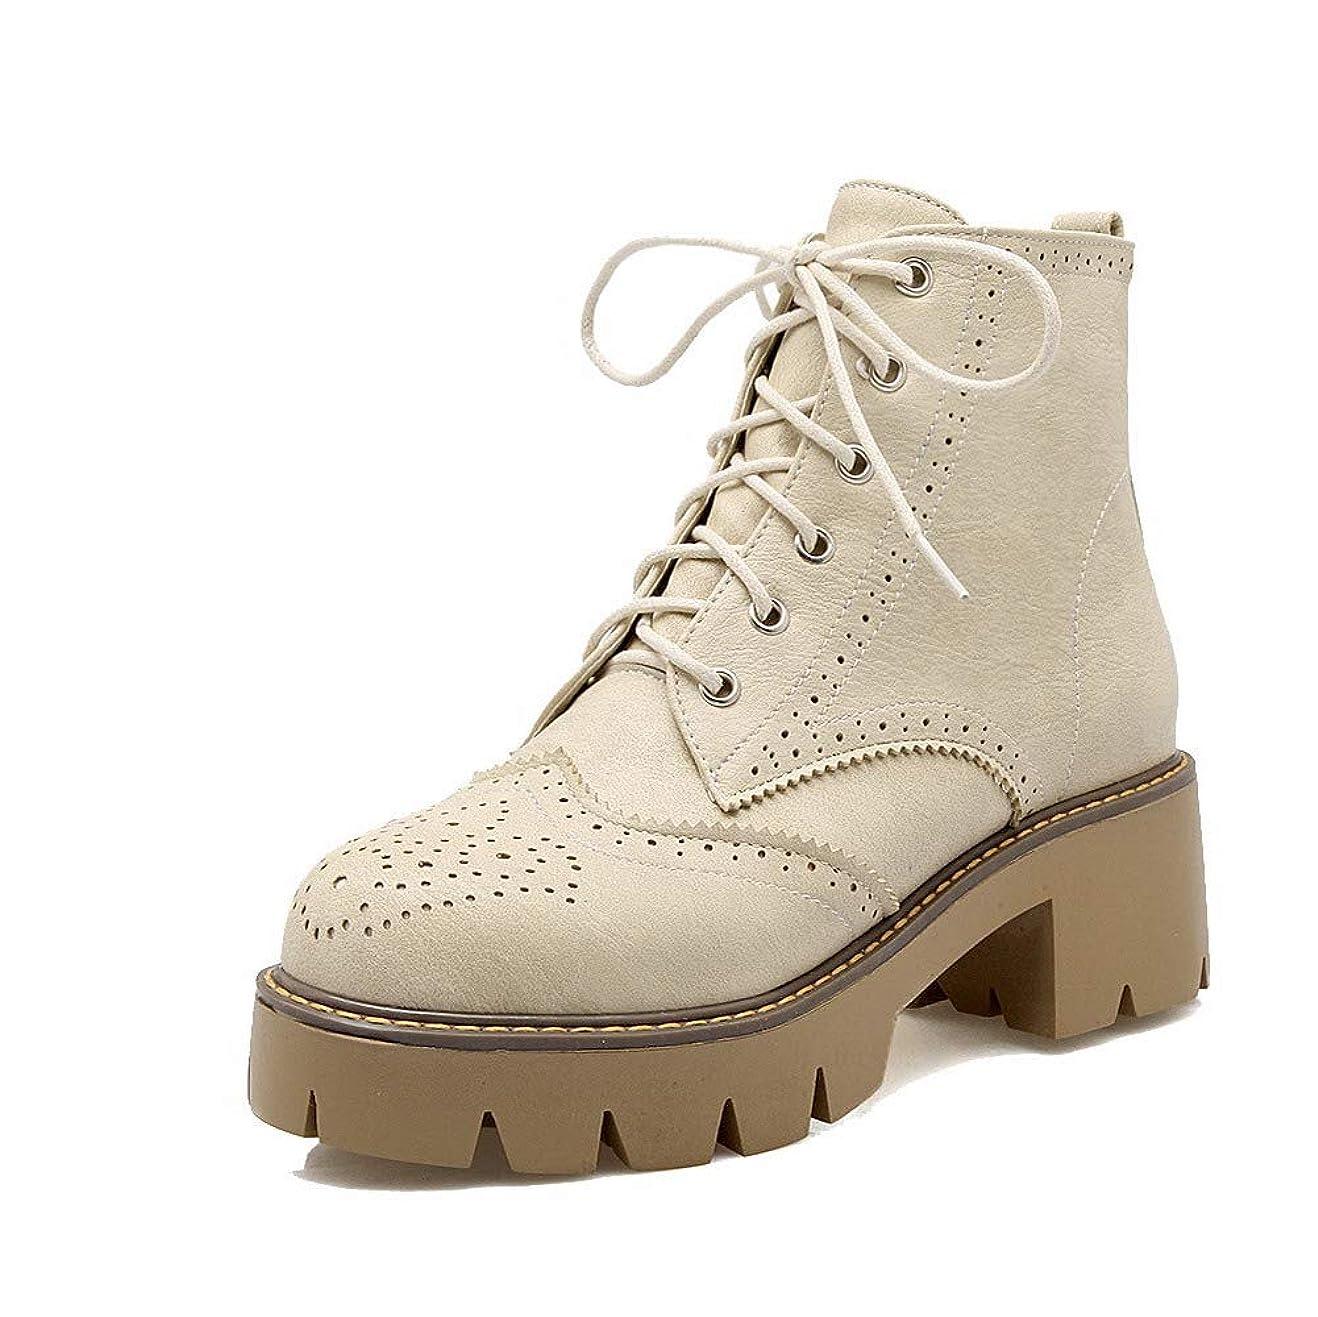 ブラシガイダンス良心(ヴォーグゾーン009) VogueZone009 レディース ラウンドトゥ 中ヒール PUの皮 ブーティー 純色 ブーツ CCAXP117265